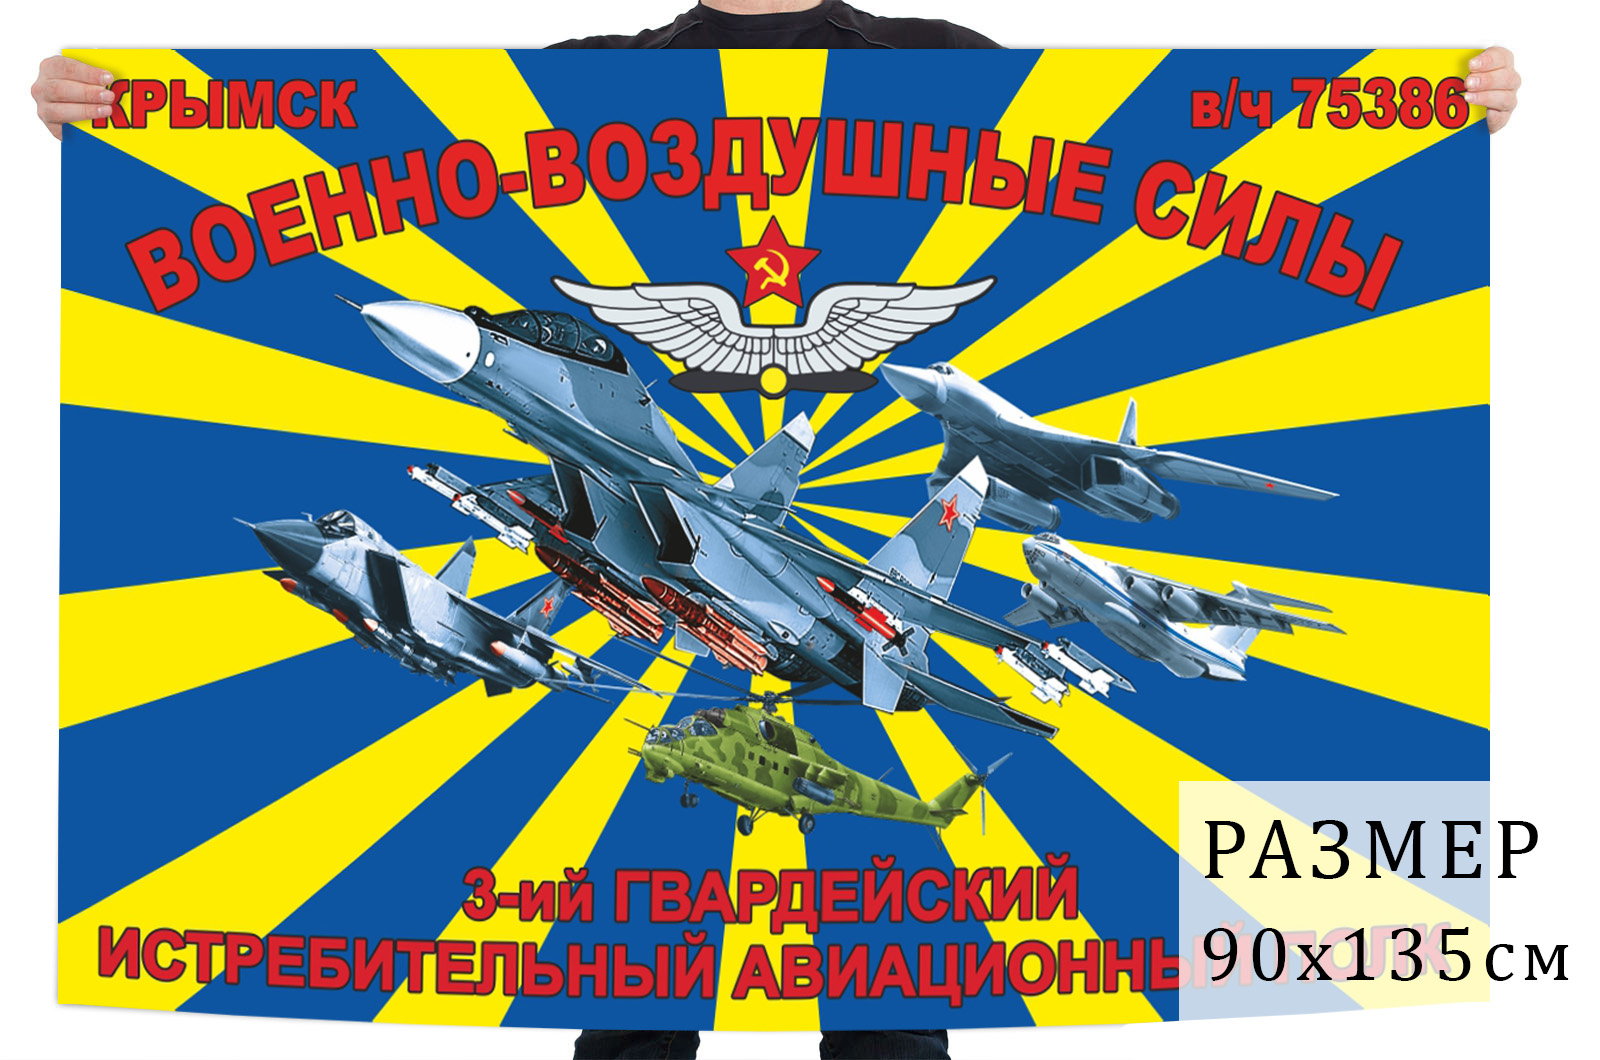 Флаг 3-й гвардейский истребительный авиационный полк